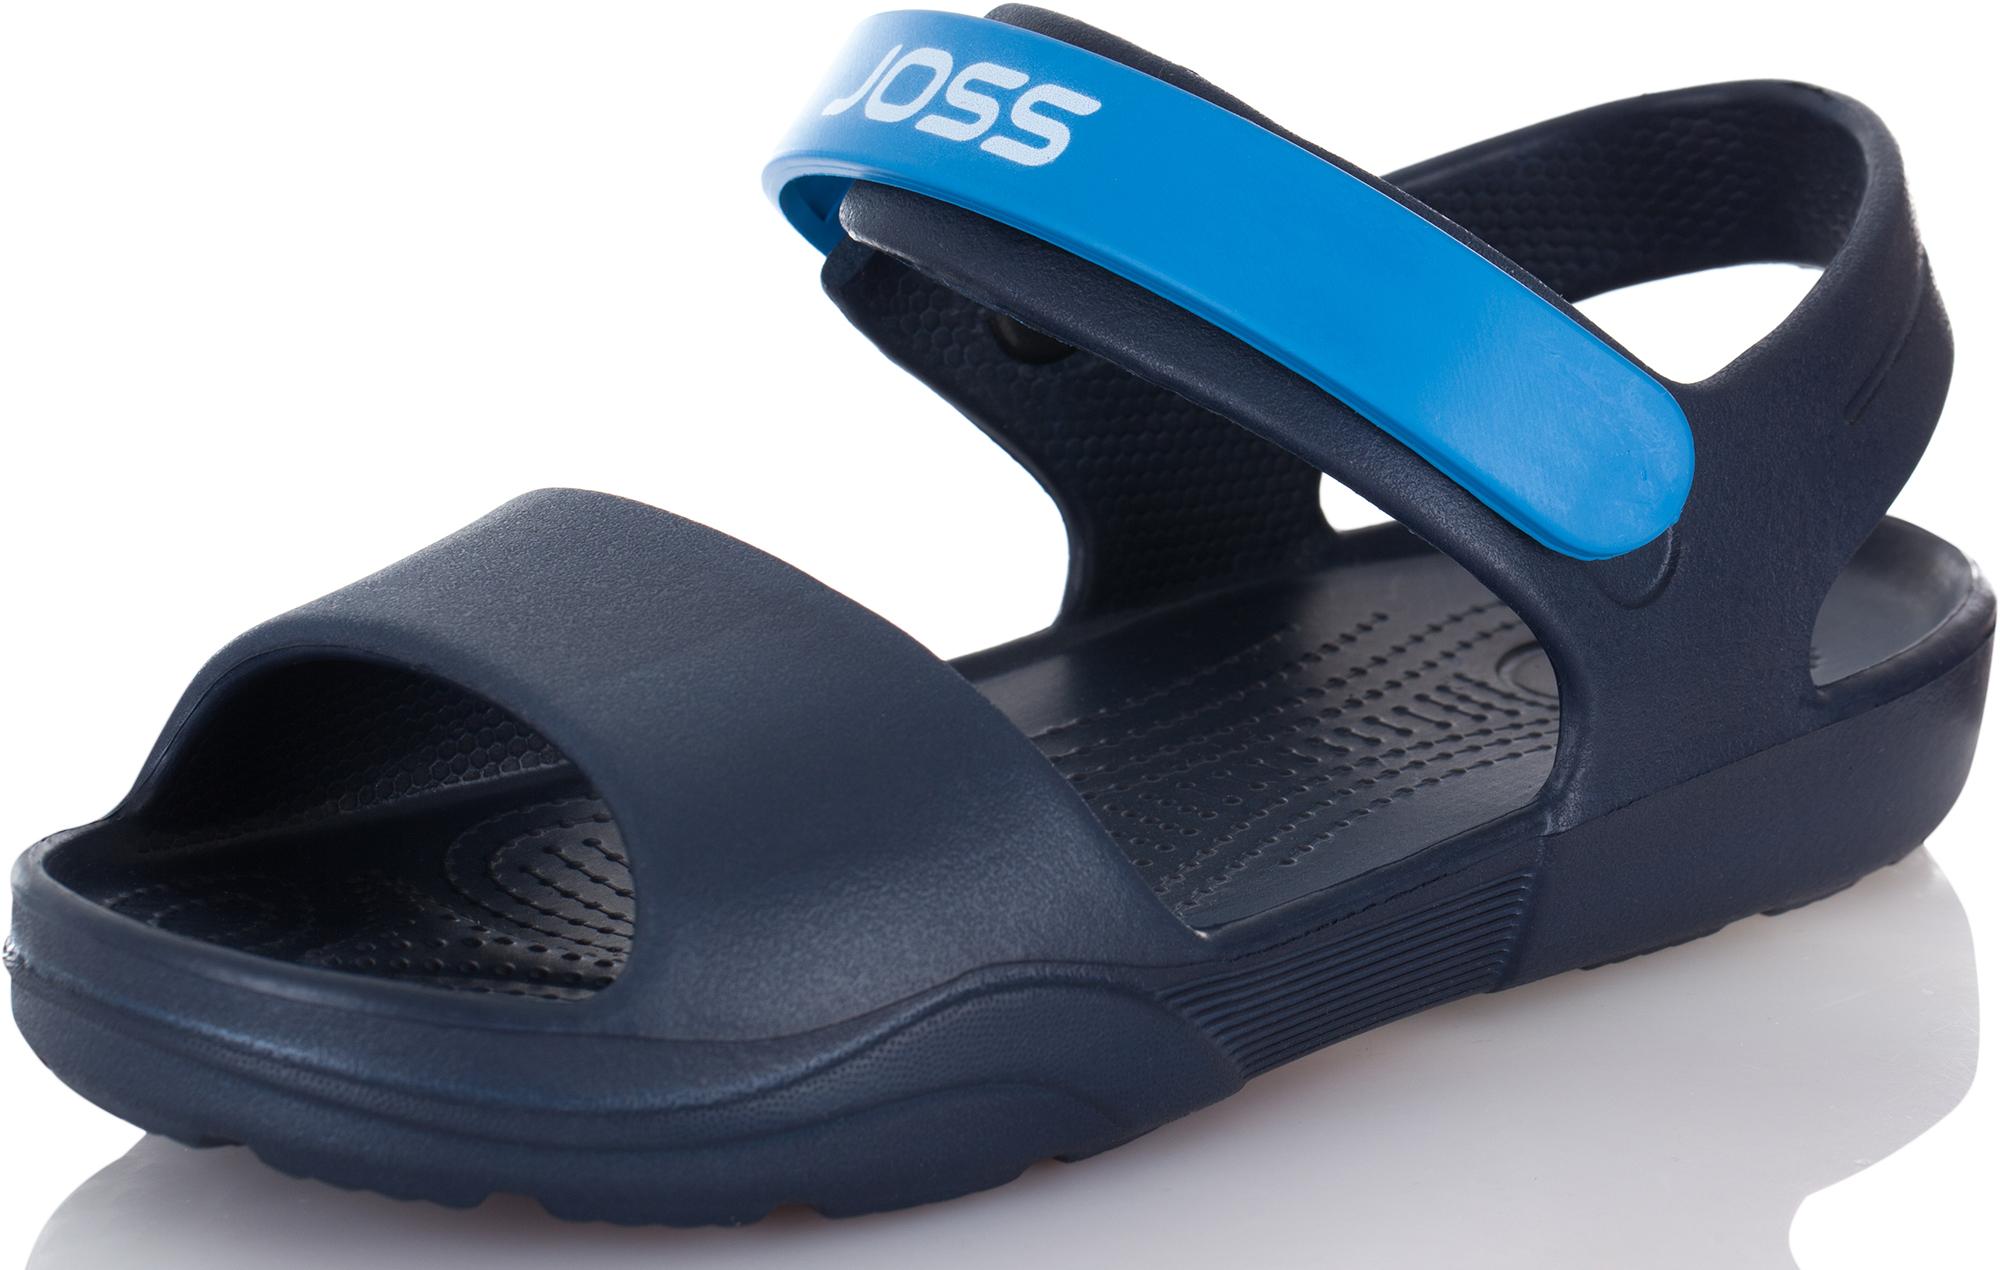 Joss Шлепанцы для мальчиков Joss G-Sand, размер 34-35